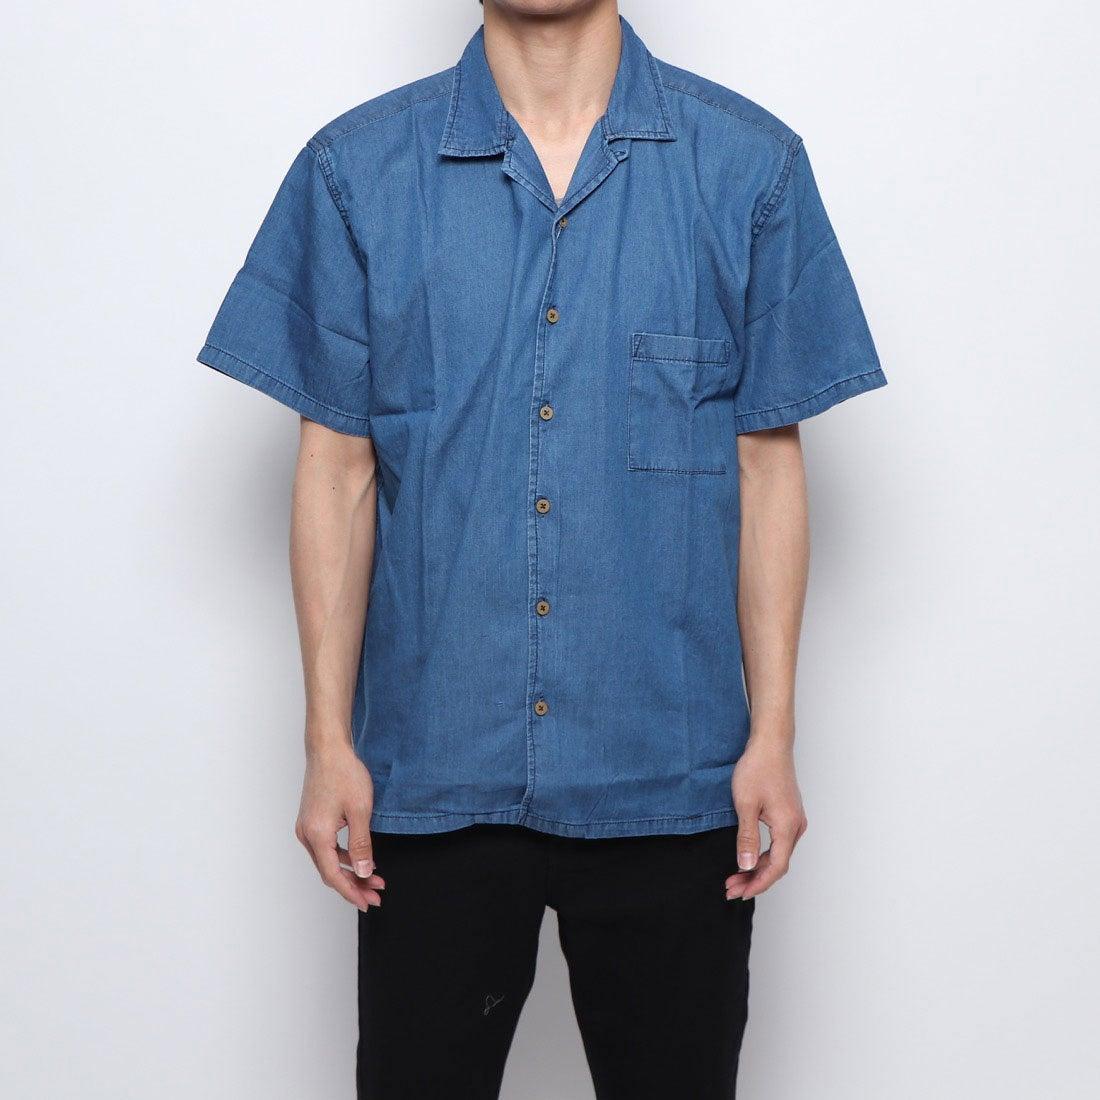 ロコンド 靴とファッションの通販サイトスタイルブロック STYLEBLOCK ビッグシルエット開襟デニムシャツ (ブルー)